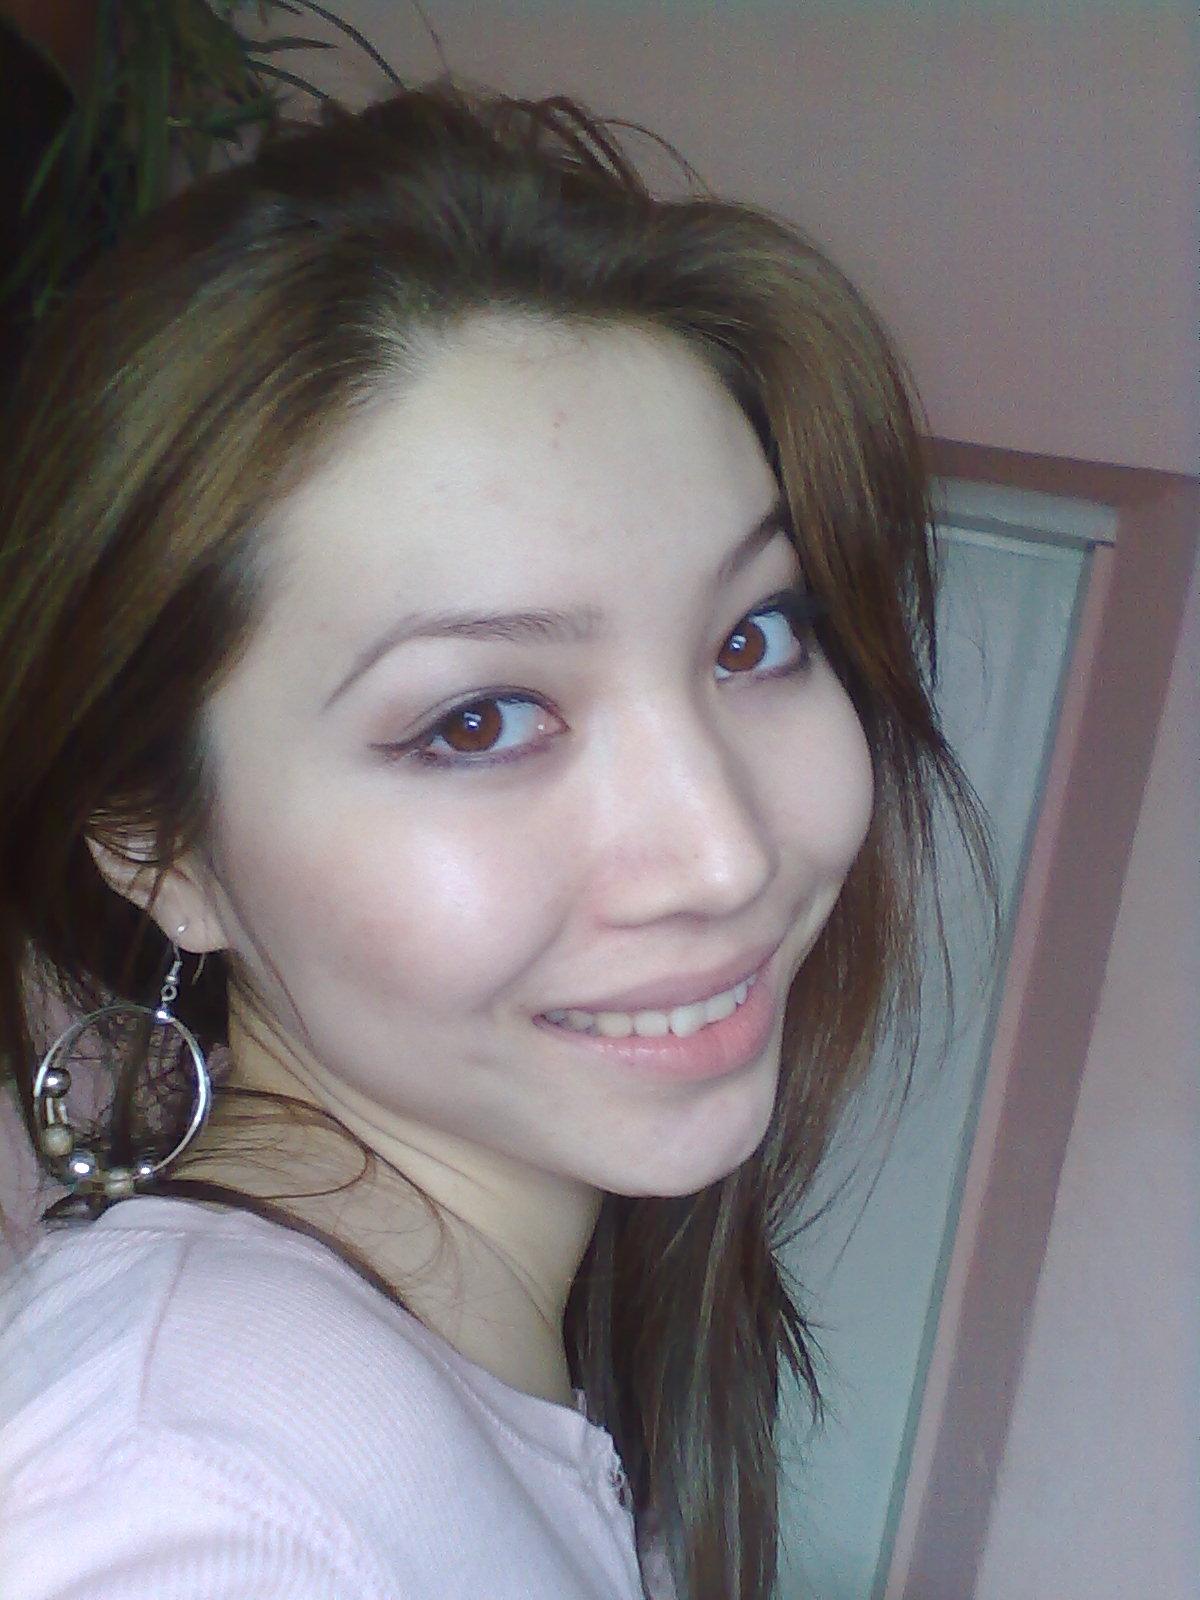 Сексуальные девушки кыргызстана 4 фотография